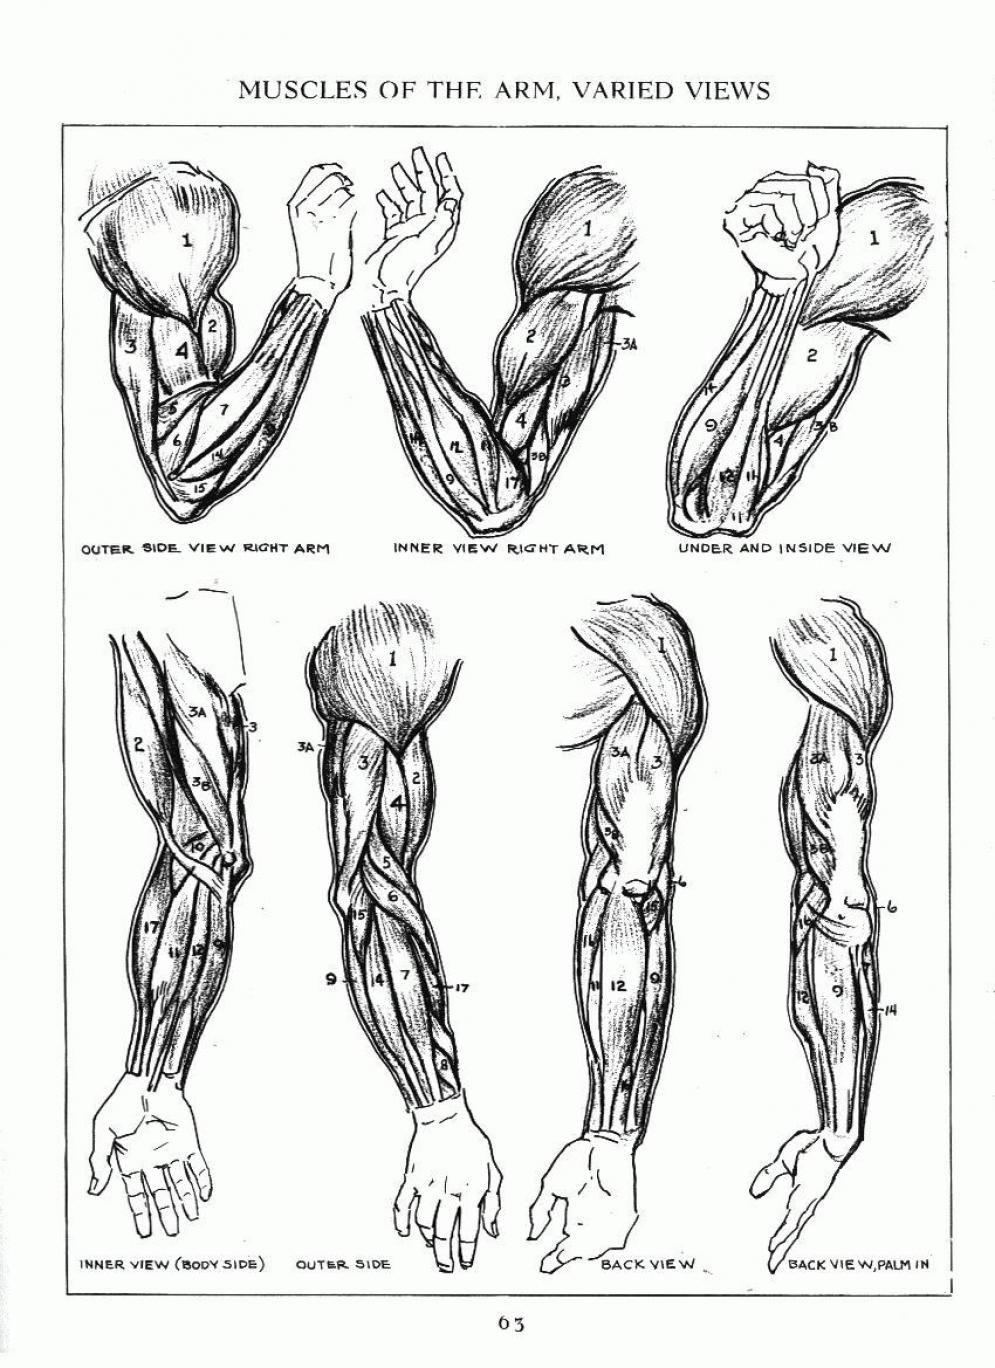 Andrew Loomis Musculatura